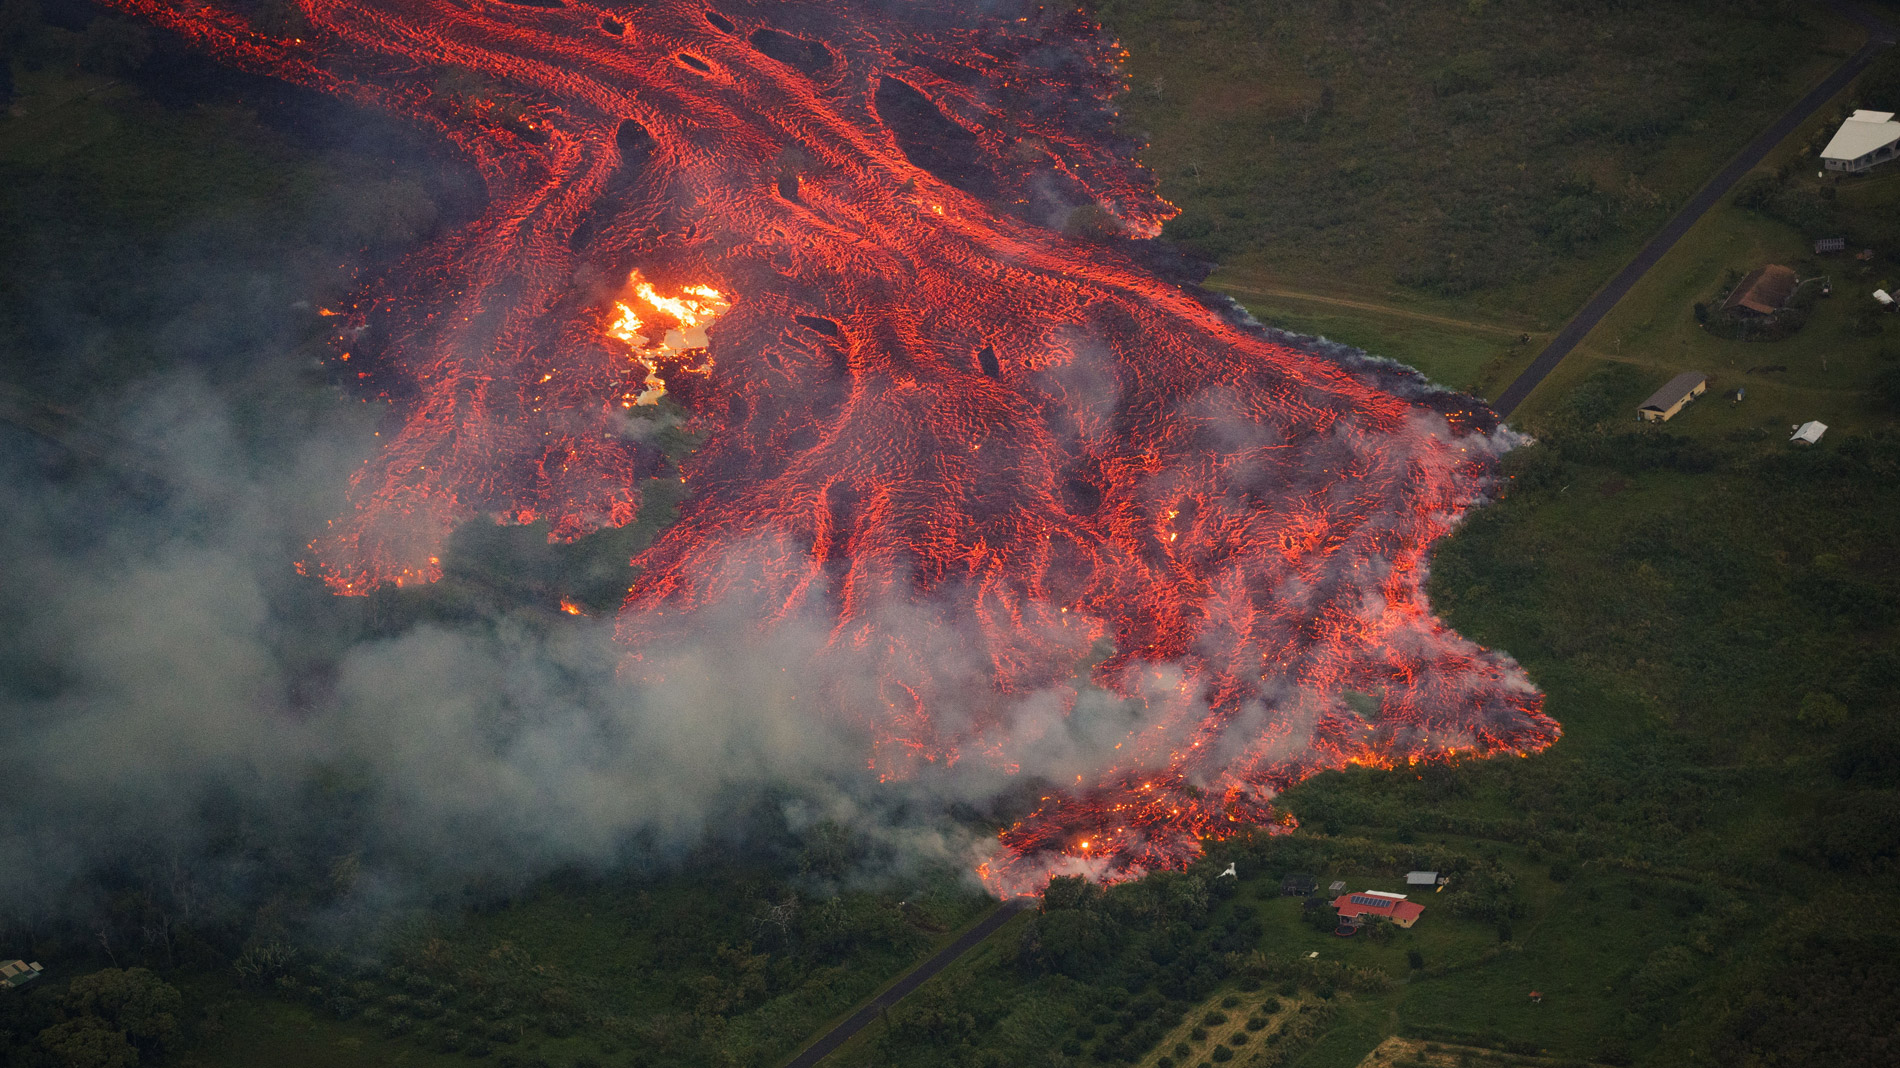 El volcán Kilauea en Hawái sigue lanzando ríos de lava, nubes de ceniza y gases tóxicos